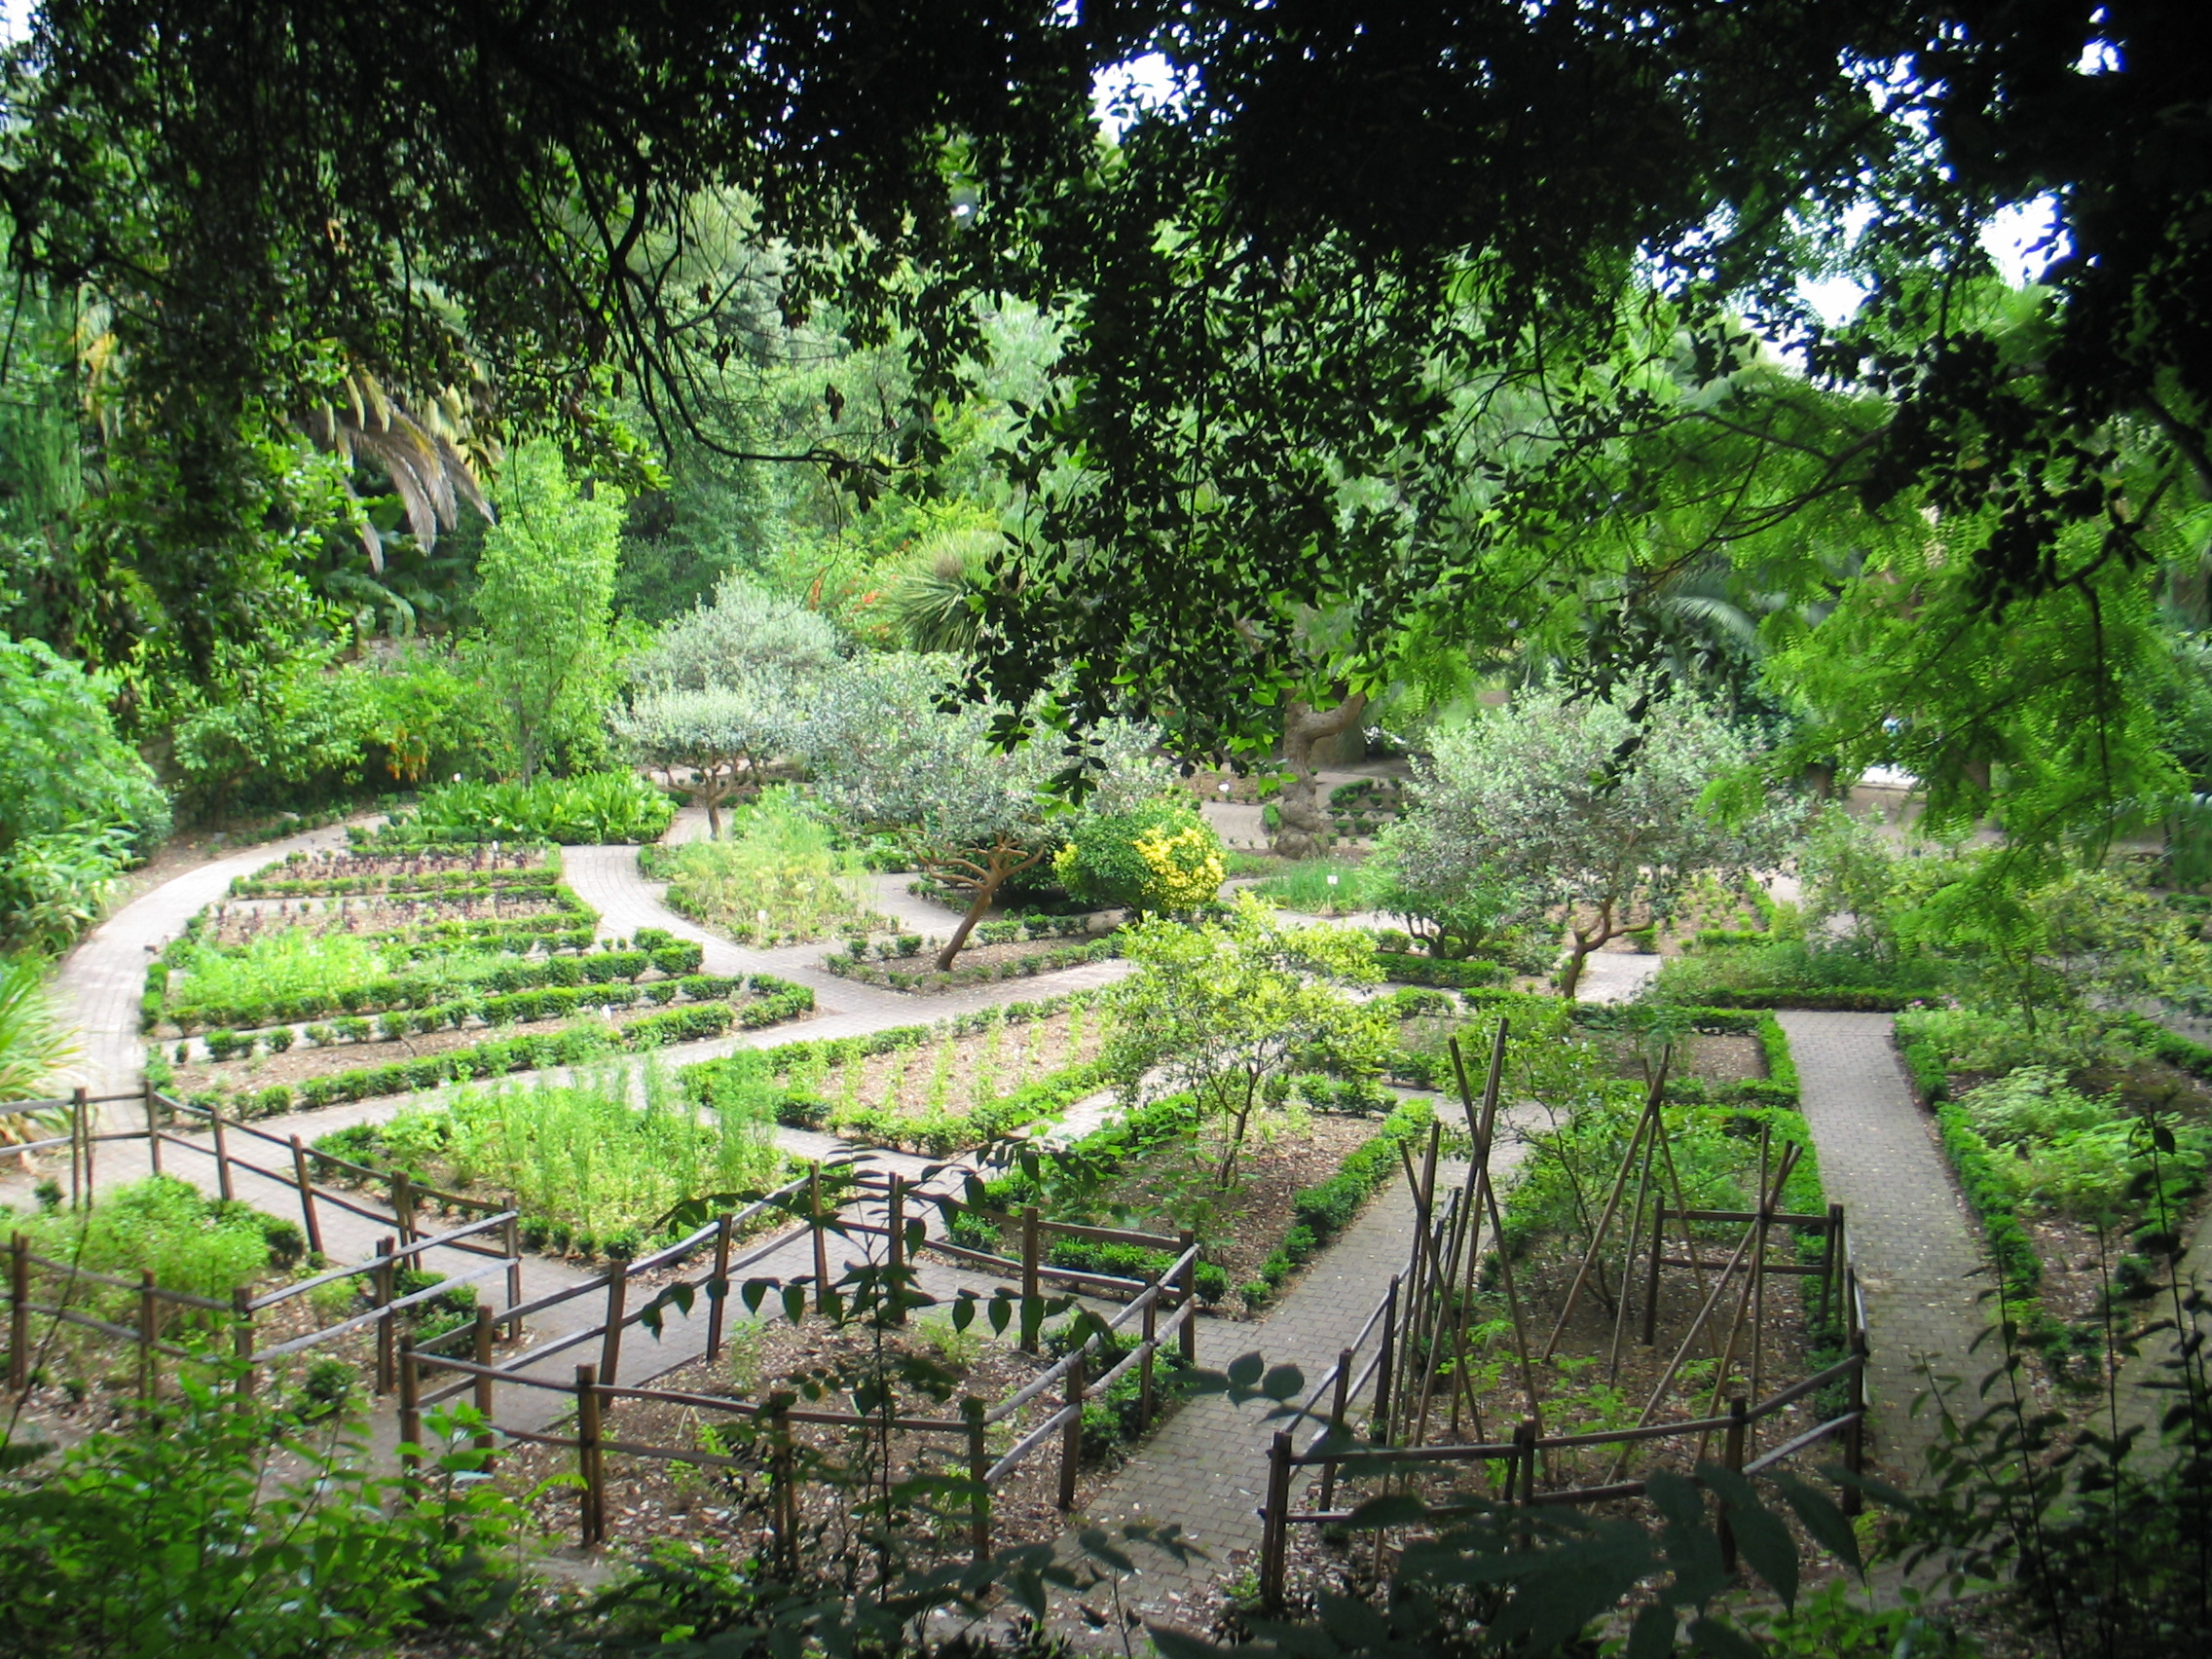 Le jardin des plantes aromatiques parc du mugel juin for Jardin plantes aromatiques